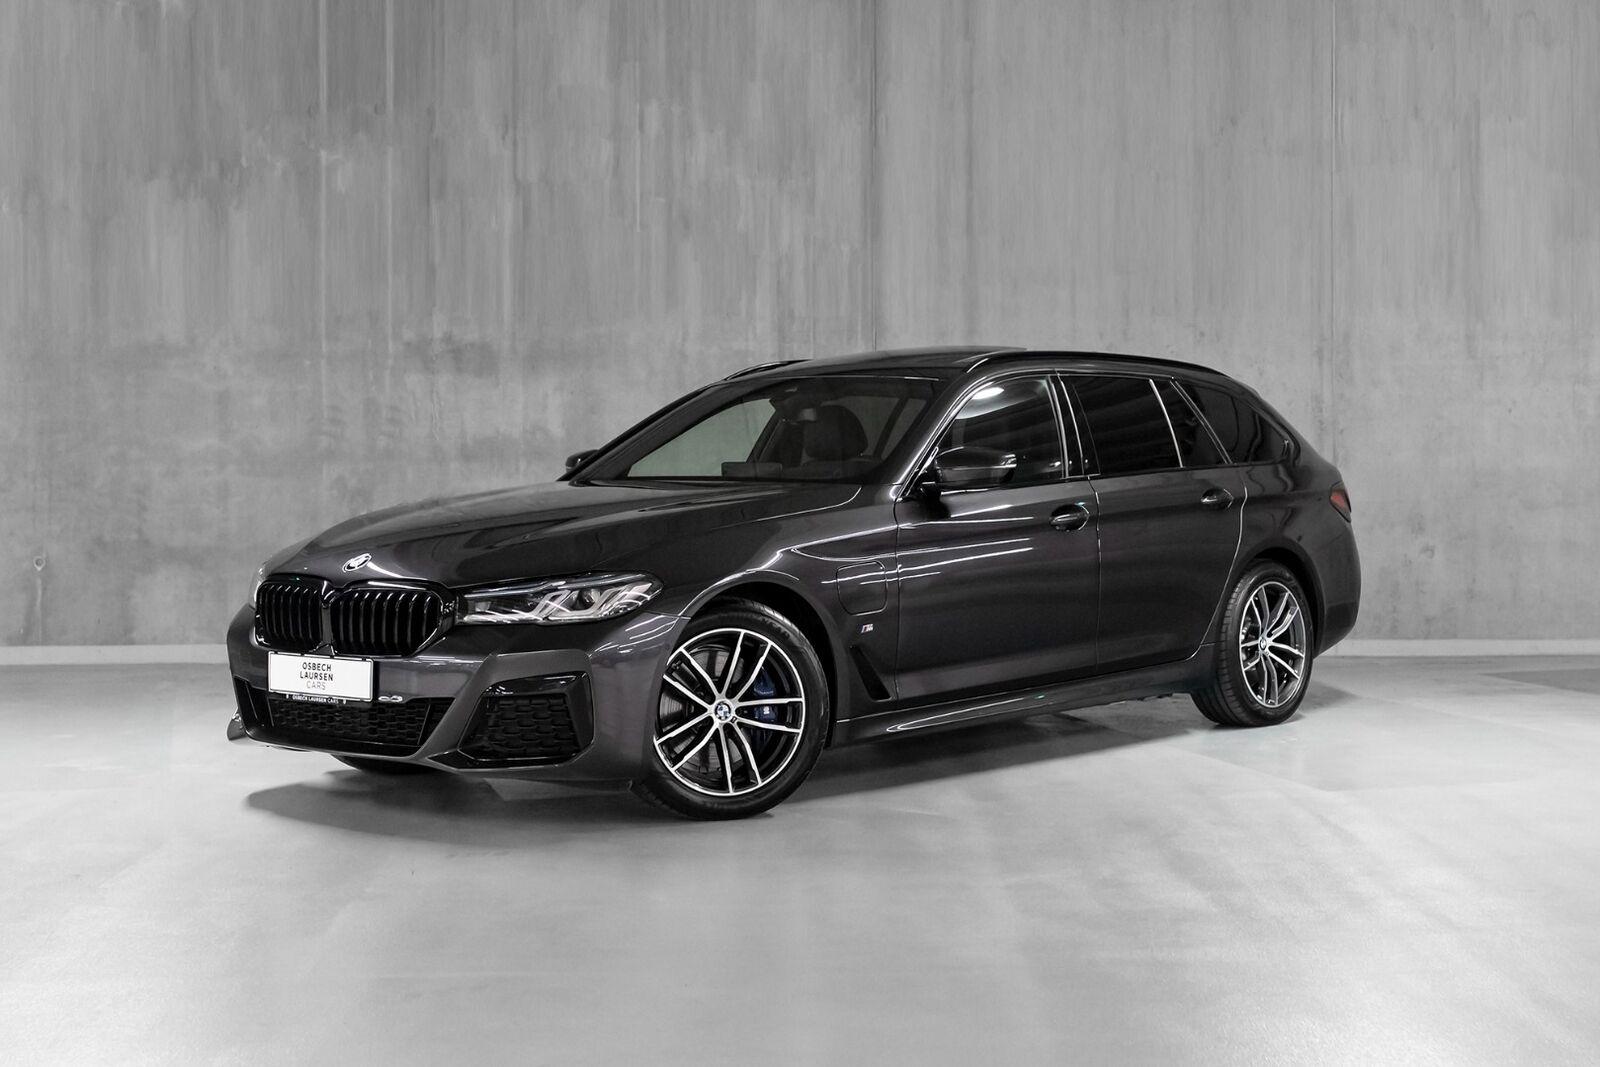 BMW 530e 2,0 Touring M-Sport aut. 5d - 689.900 kr.